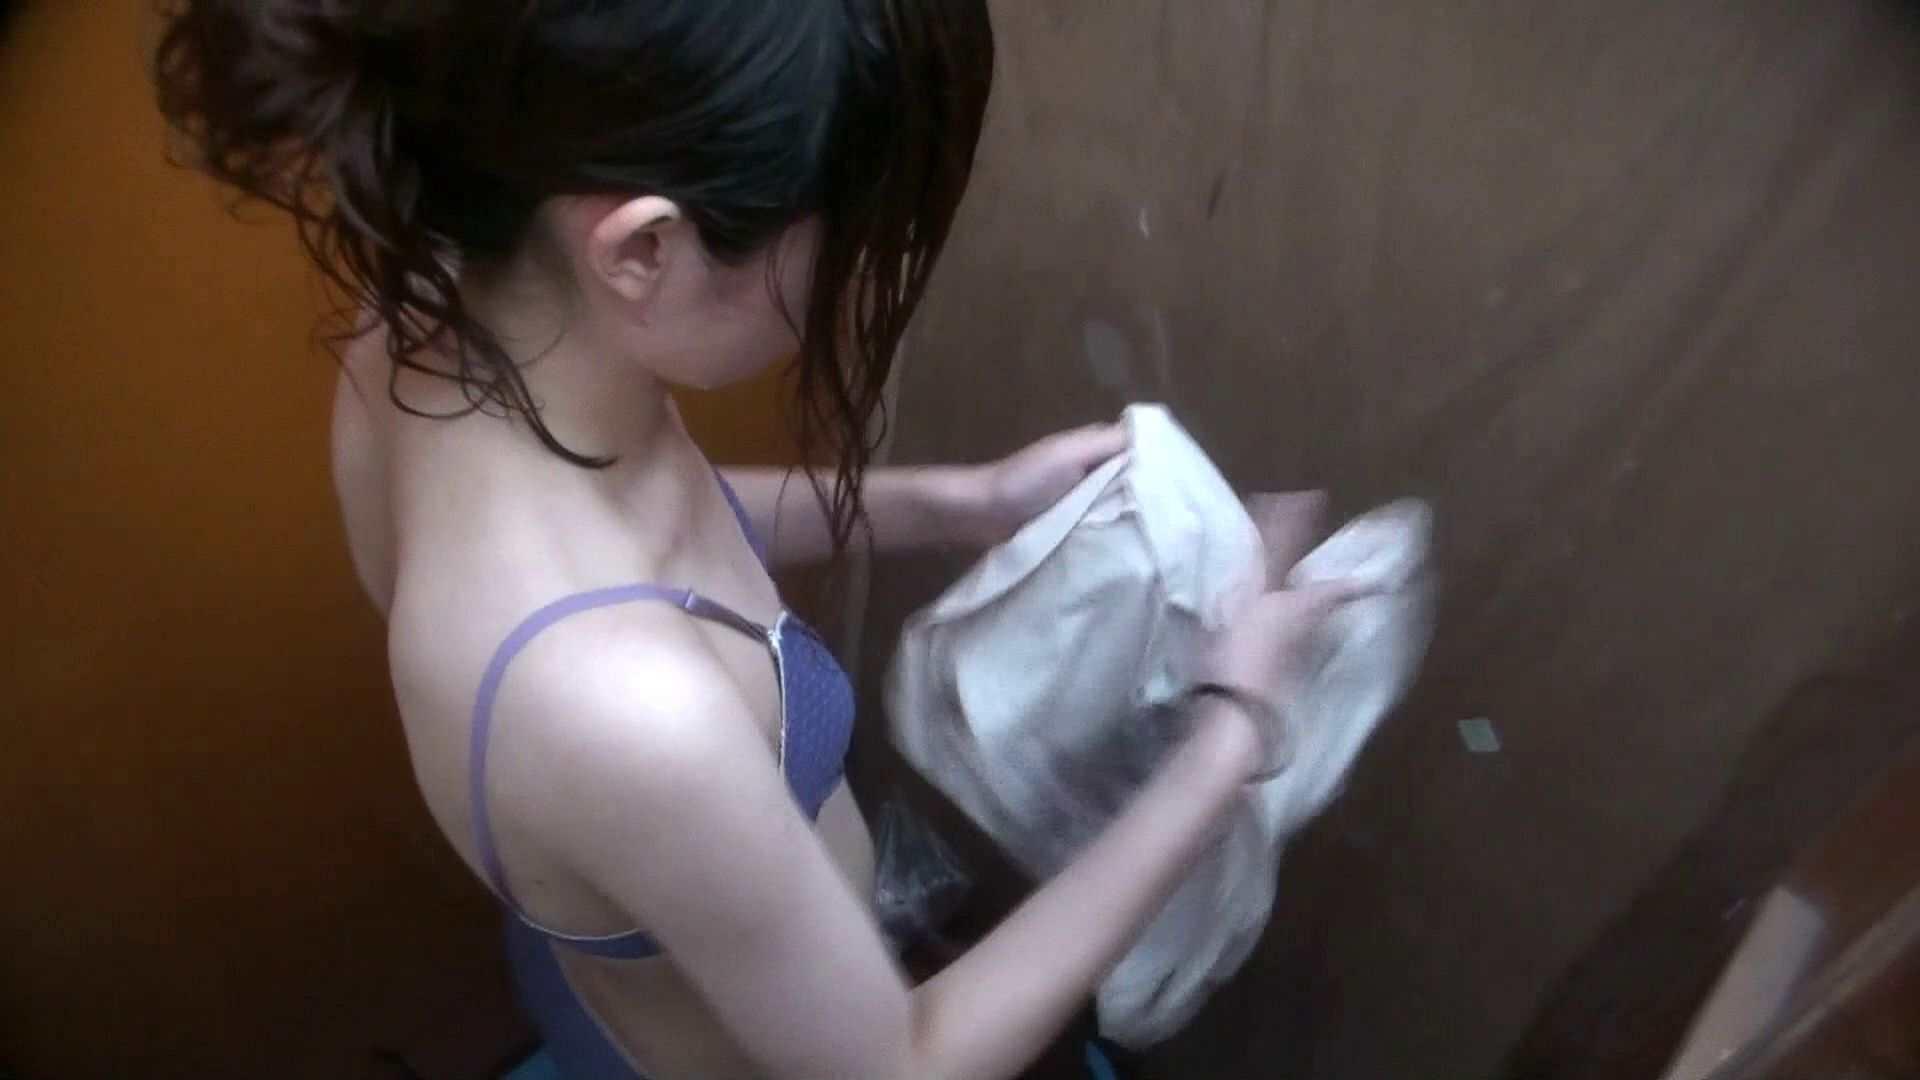 シャワールームは超!!危険な香りVol.29 こっちを向いて欲しい貧乳姉さん OLセックス | 貧乳  69画像 65